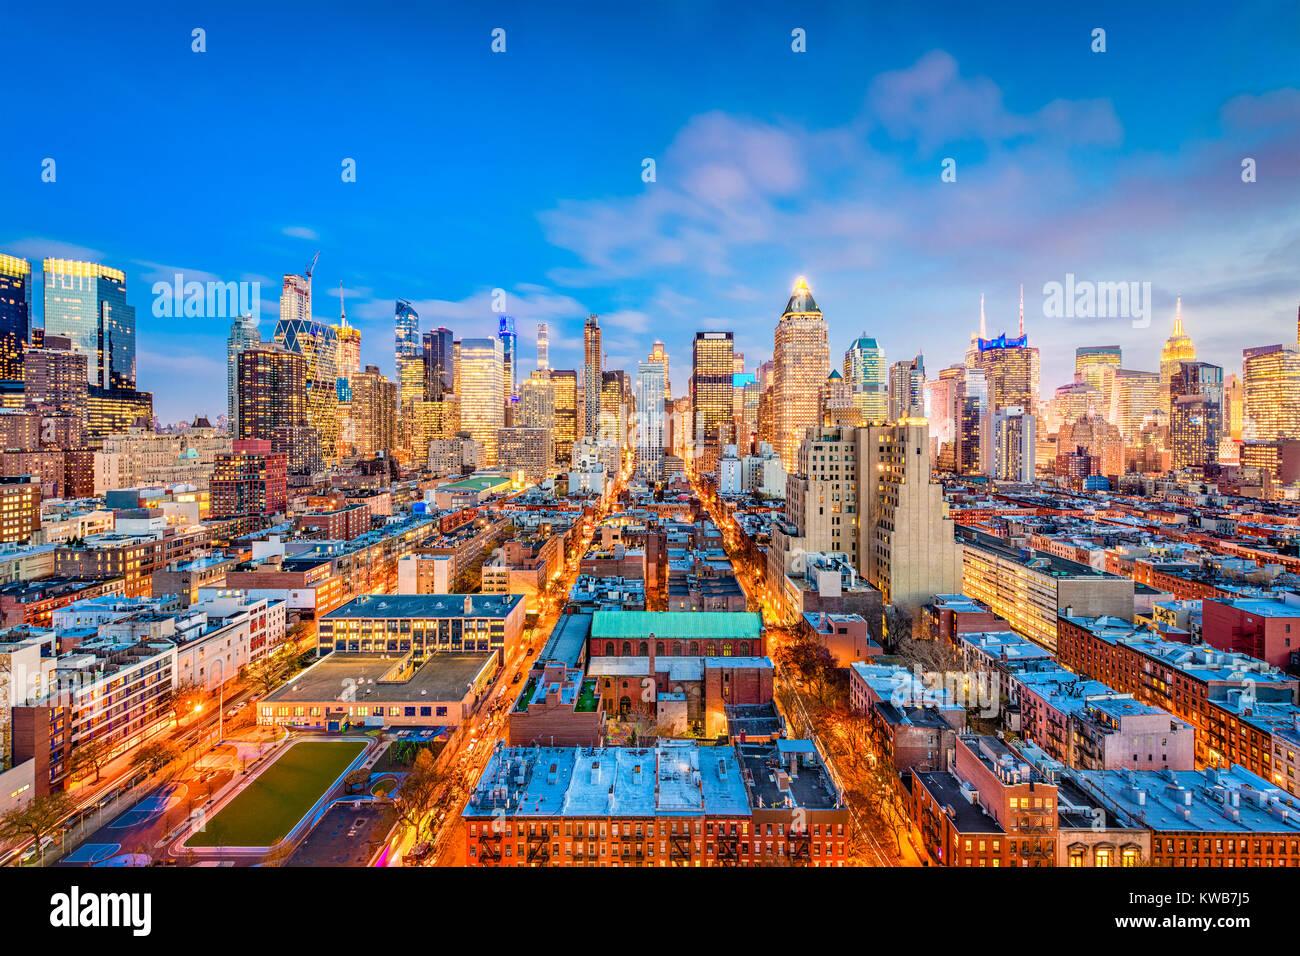 Nueva York, Nueva York, EE.UU. el paisaje urbano de Manhattan. Imagen De Stock